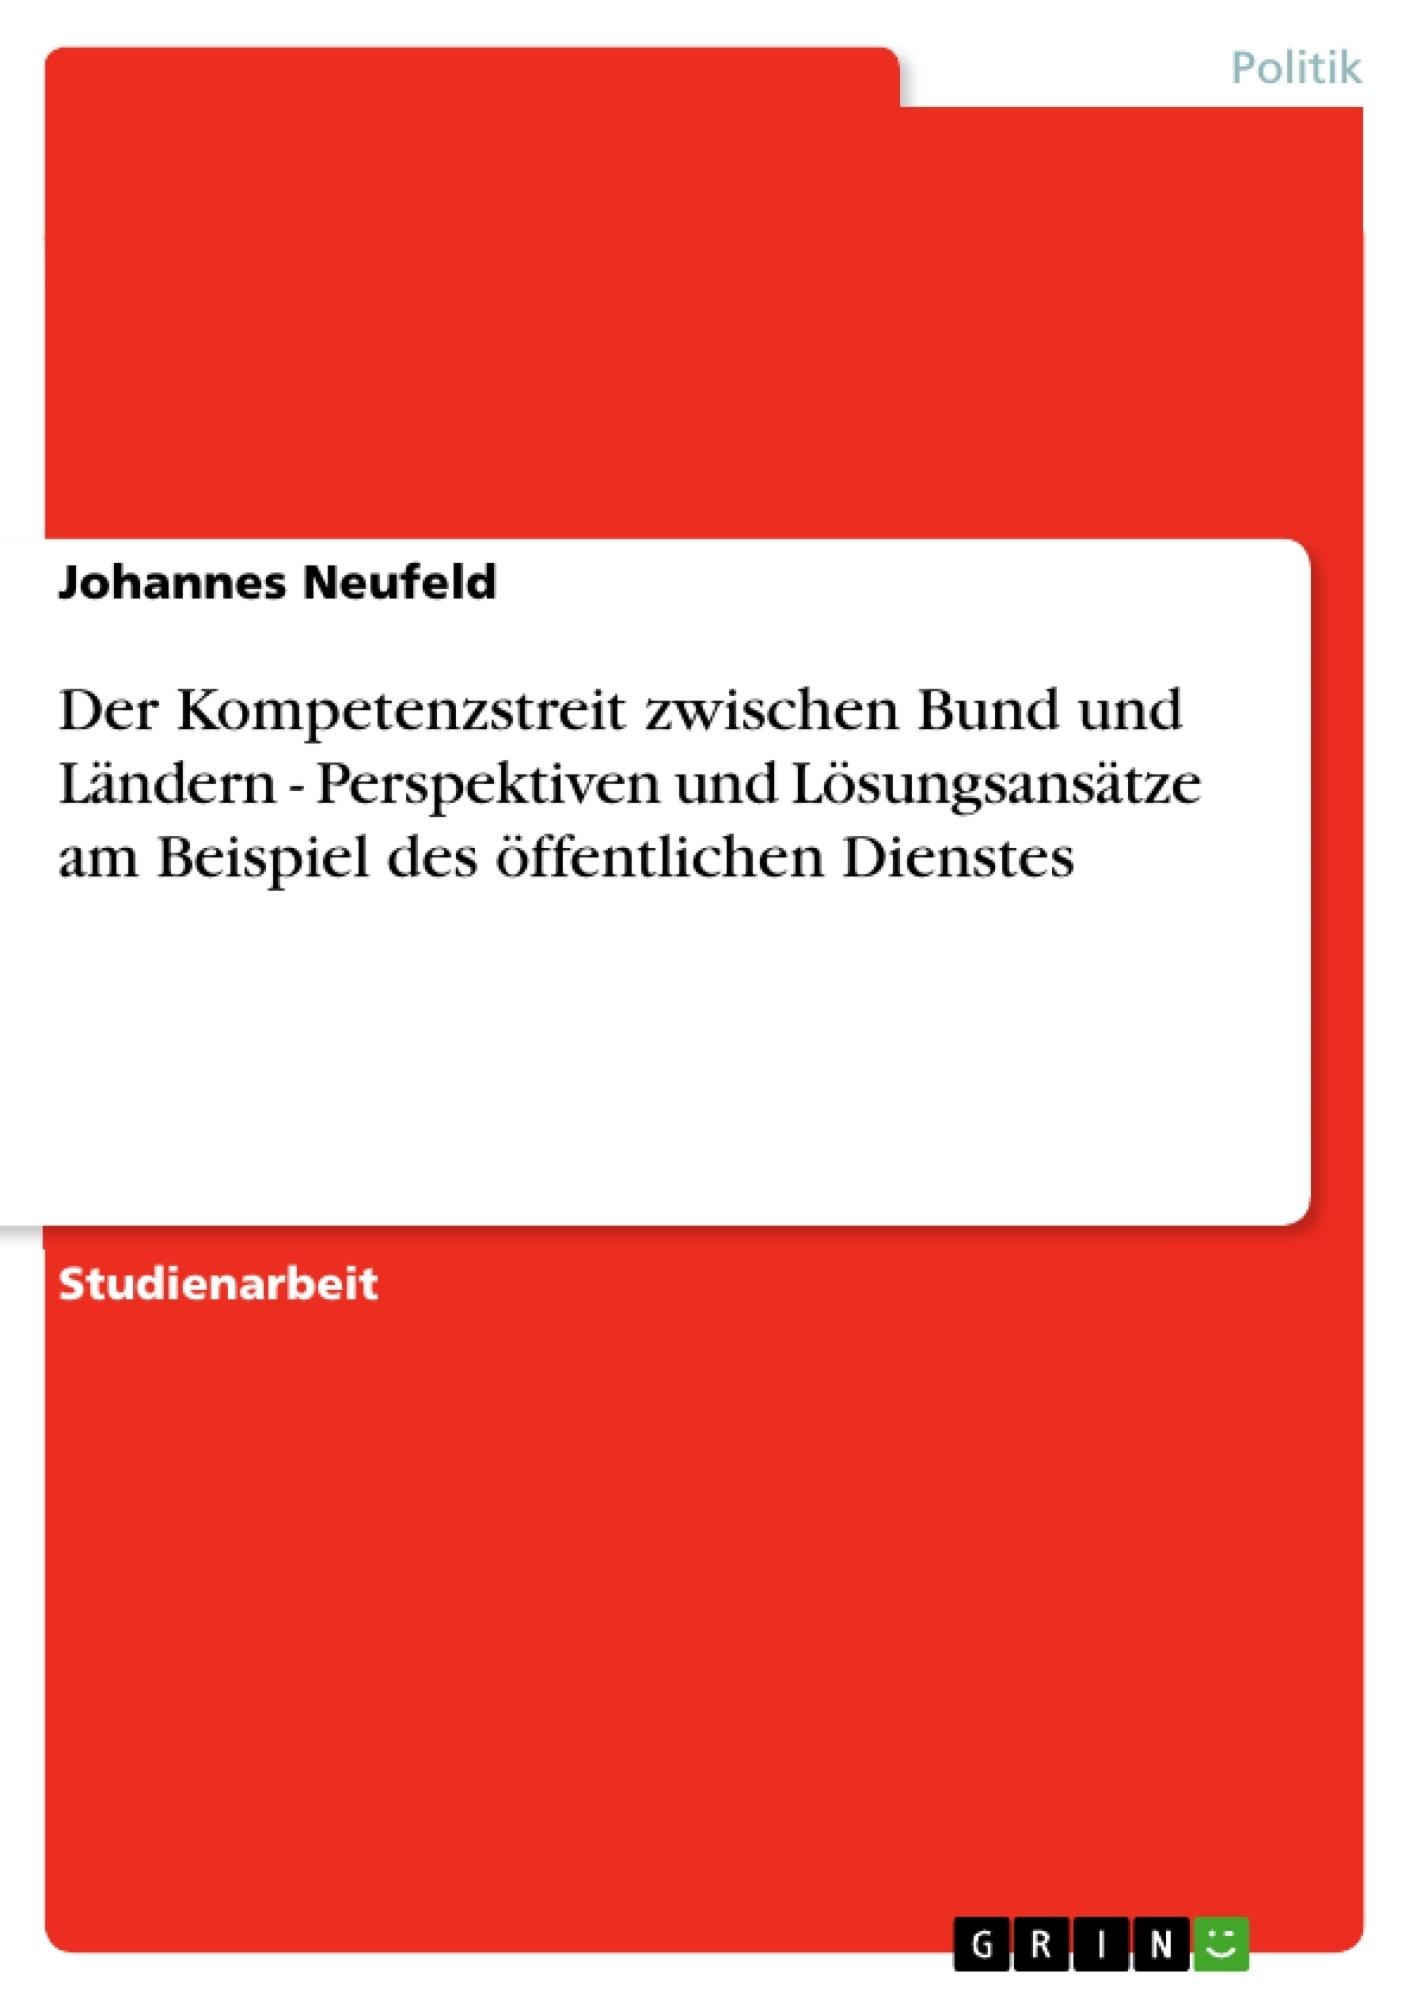 Titel: Der Kompetenzstreit zwischen Bund und Ländern - Perspektiven und Lösungsansätze am Beispiel des öffentlichen Dienstes